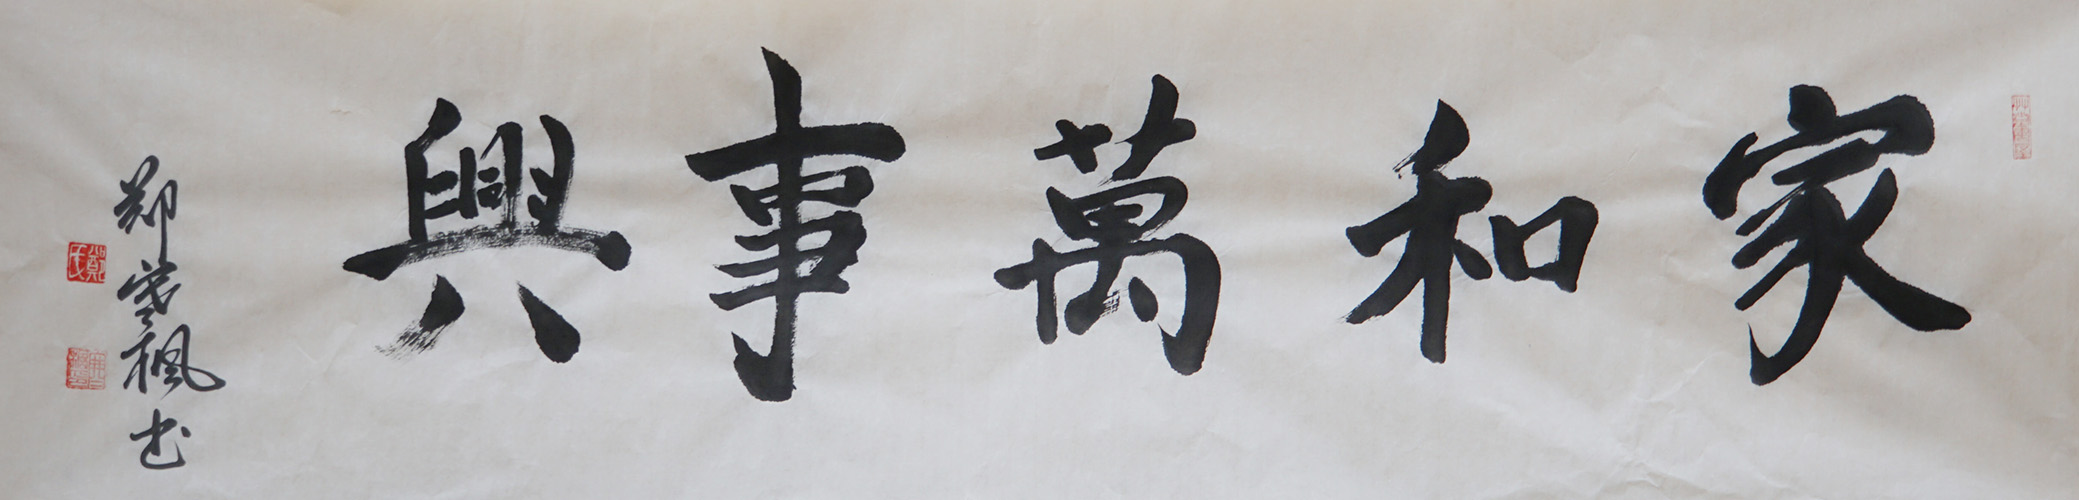 郑寒枫作品之一 (4)